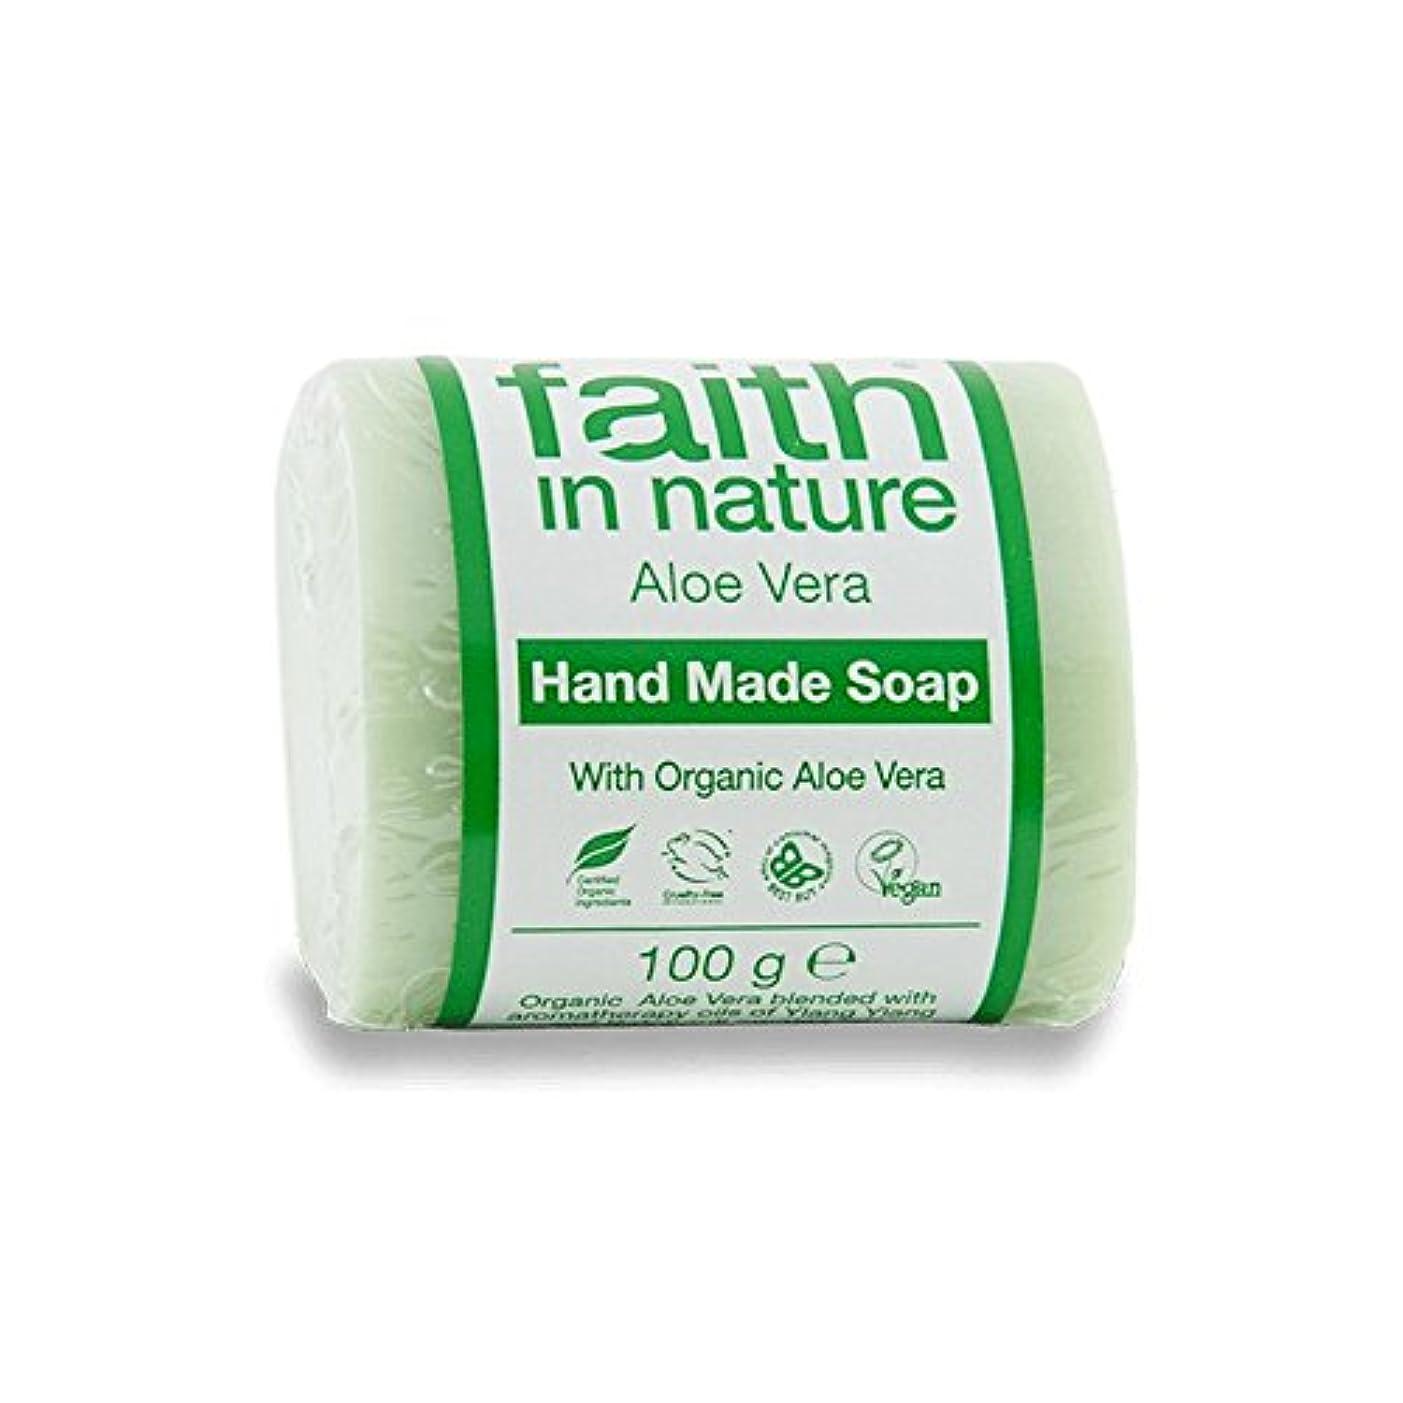 エレガントに対応遠足Faith in Nature Aloe Vera with Ylang Ylang Soap 100g (Pack of 6) - イランイランソープ100グラムと自然のアロエベラの信仰 (x6) [並行輸入品]